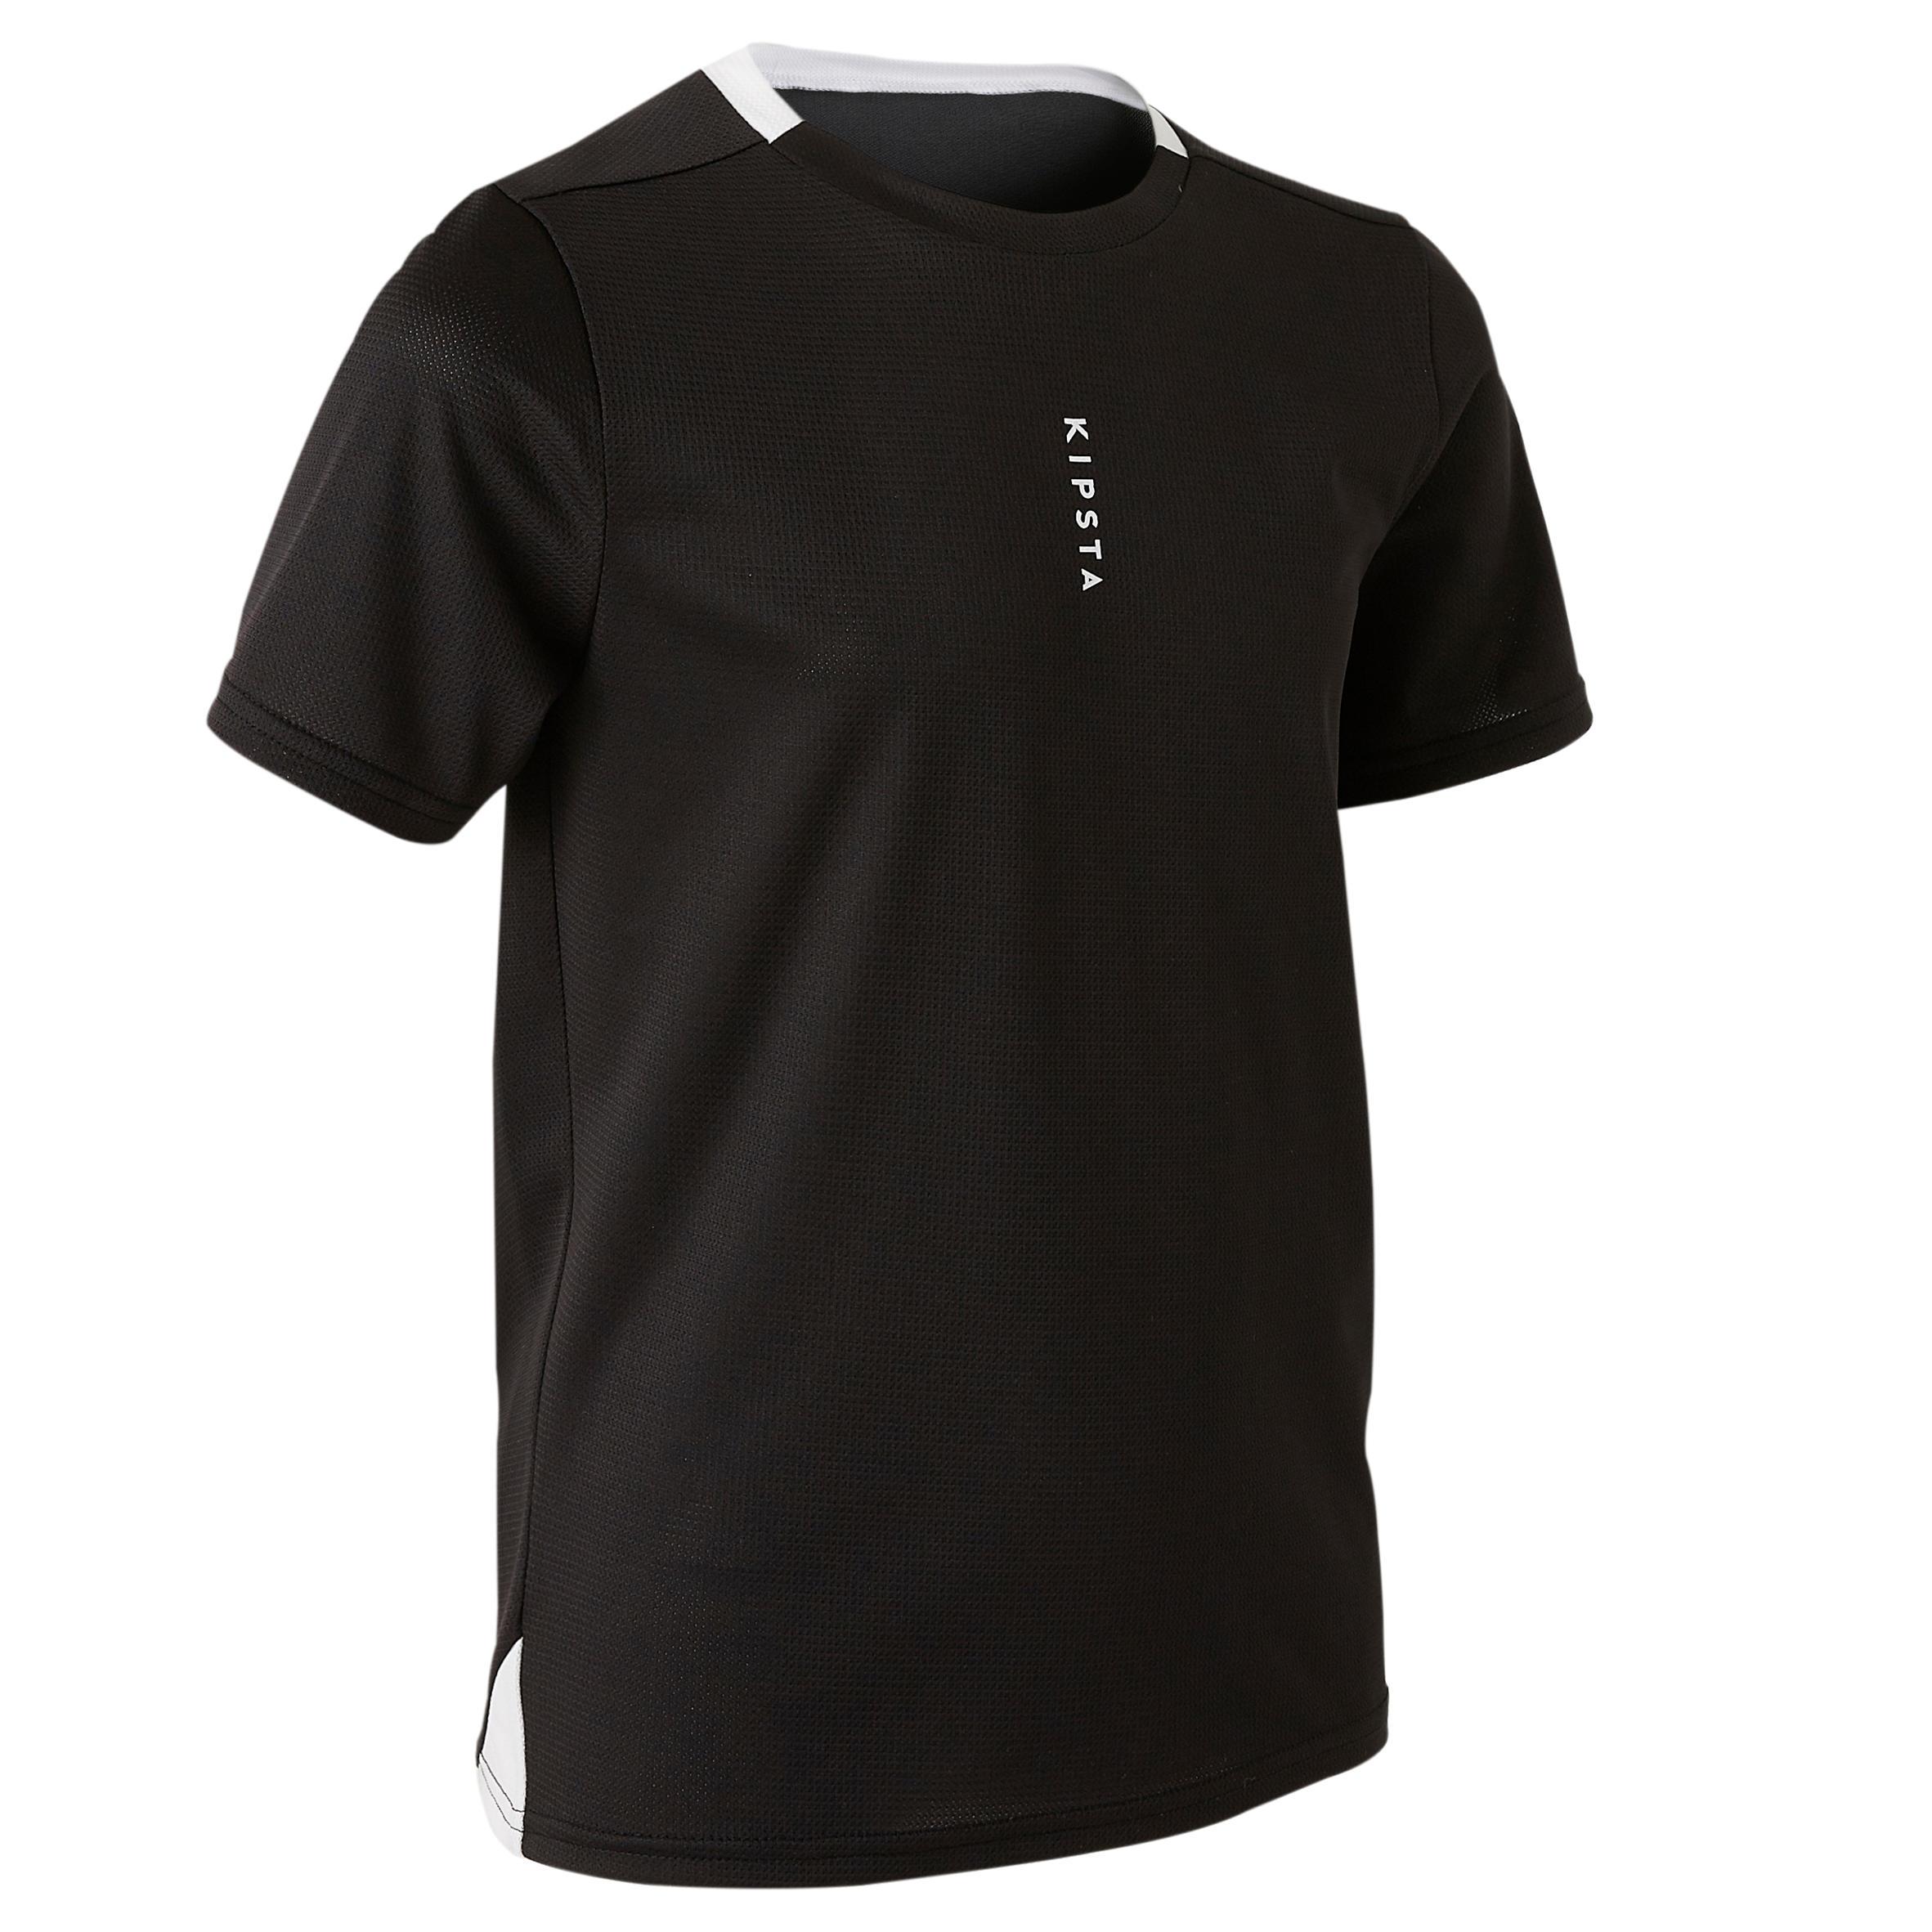 Comprar Camisetas de Fútbol para Adultos y Niños  2560c43d81e